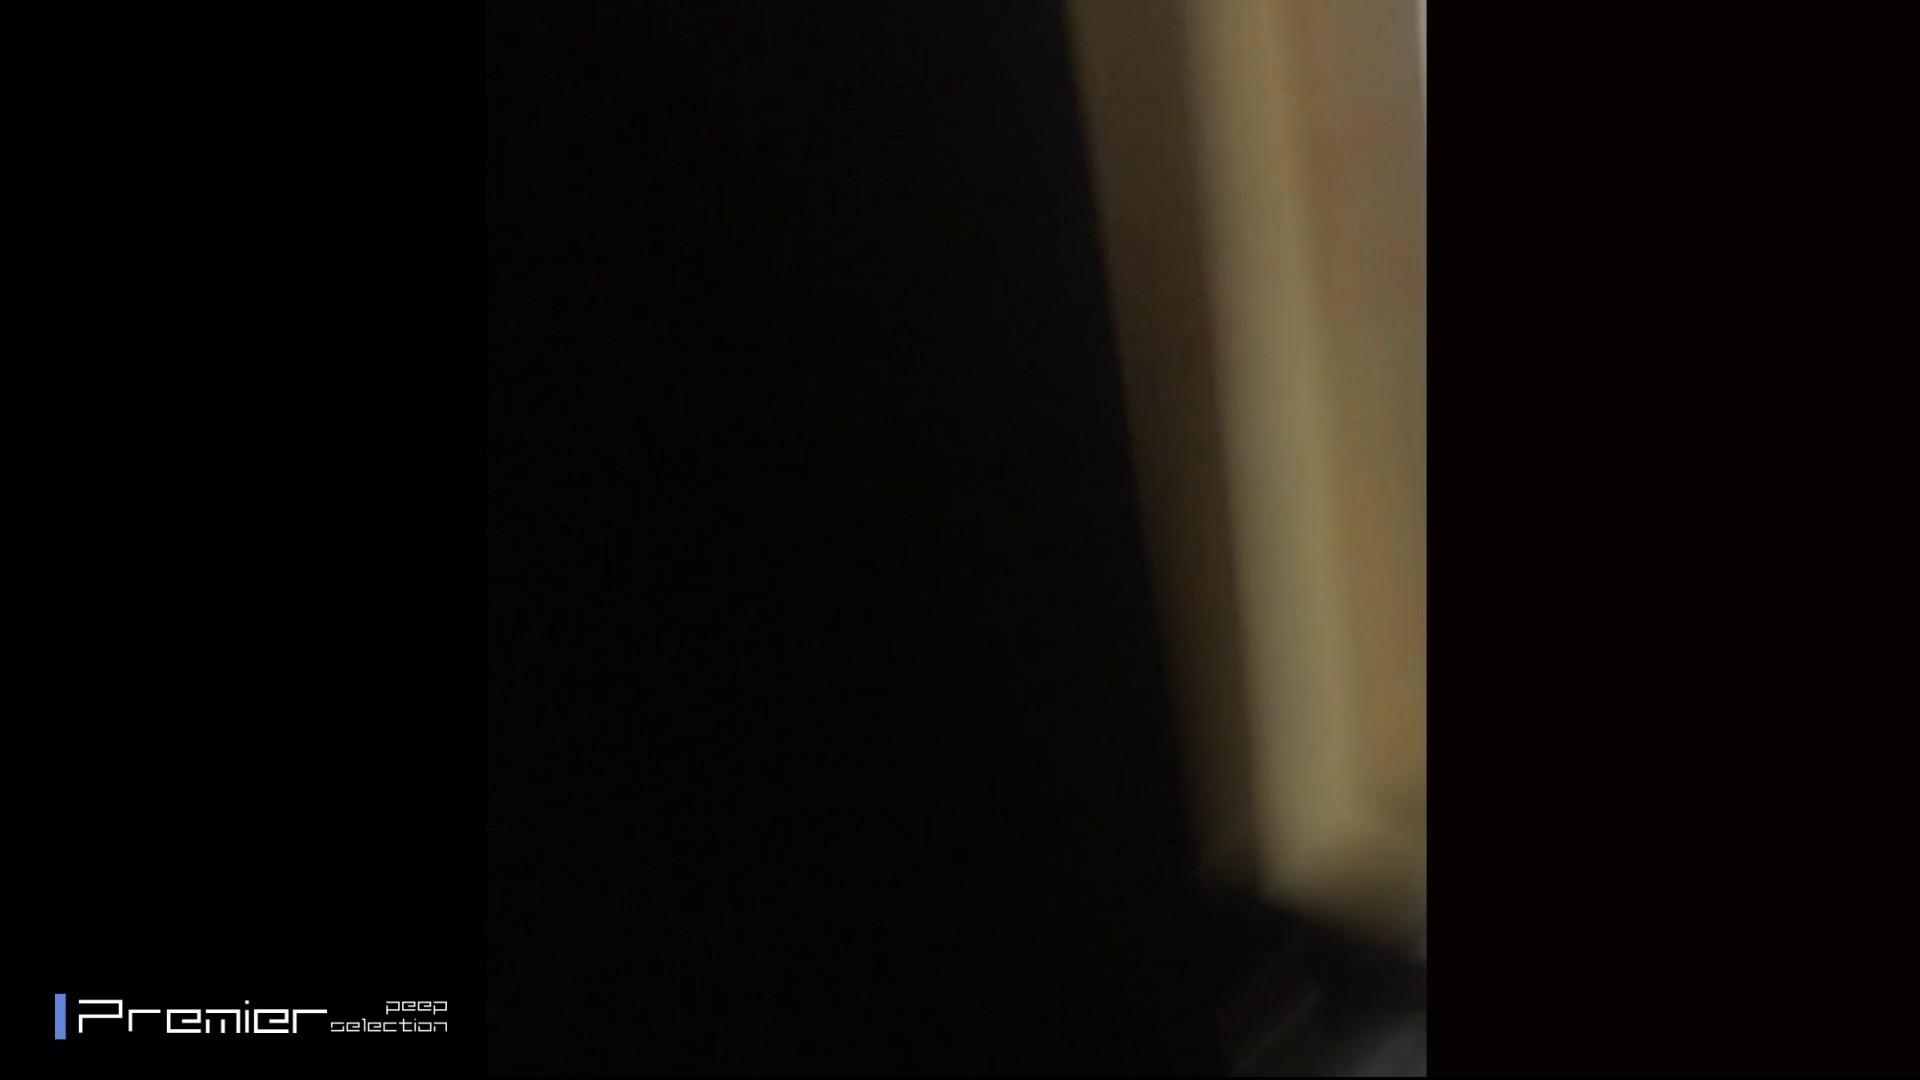 眼鏡美女の食事を隠し撮り 乙女の風呂場 Vol.05 美女達のヌード | 入浴シーン  95連発 86